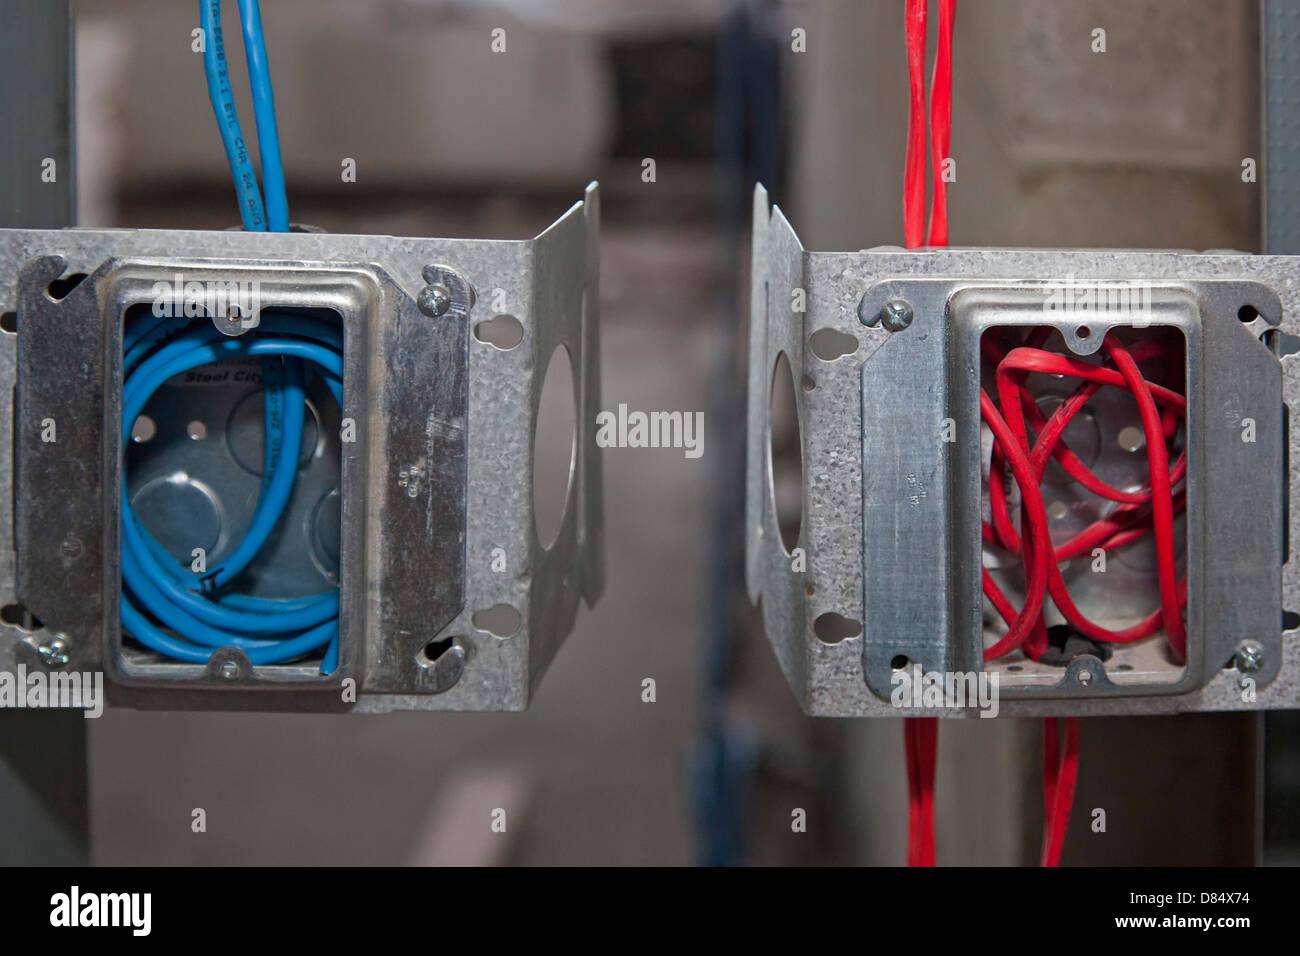 Tolle Elektrische Heimverkabelung Fotos - Der Schaltplan - greigo.com